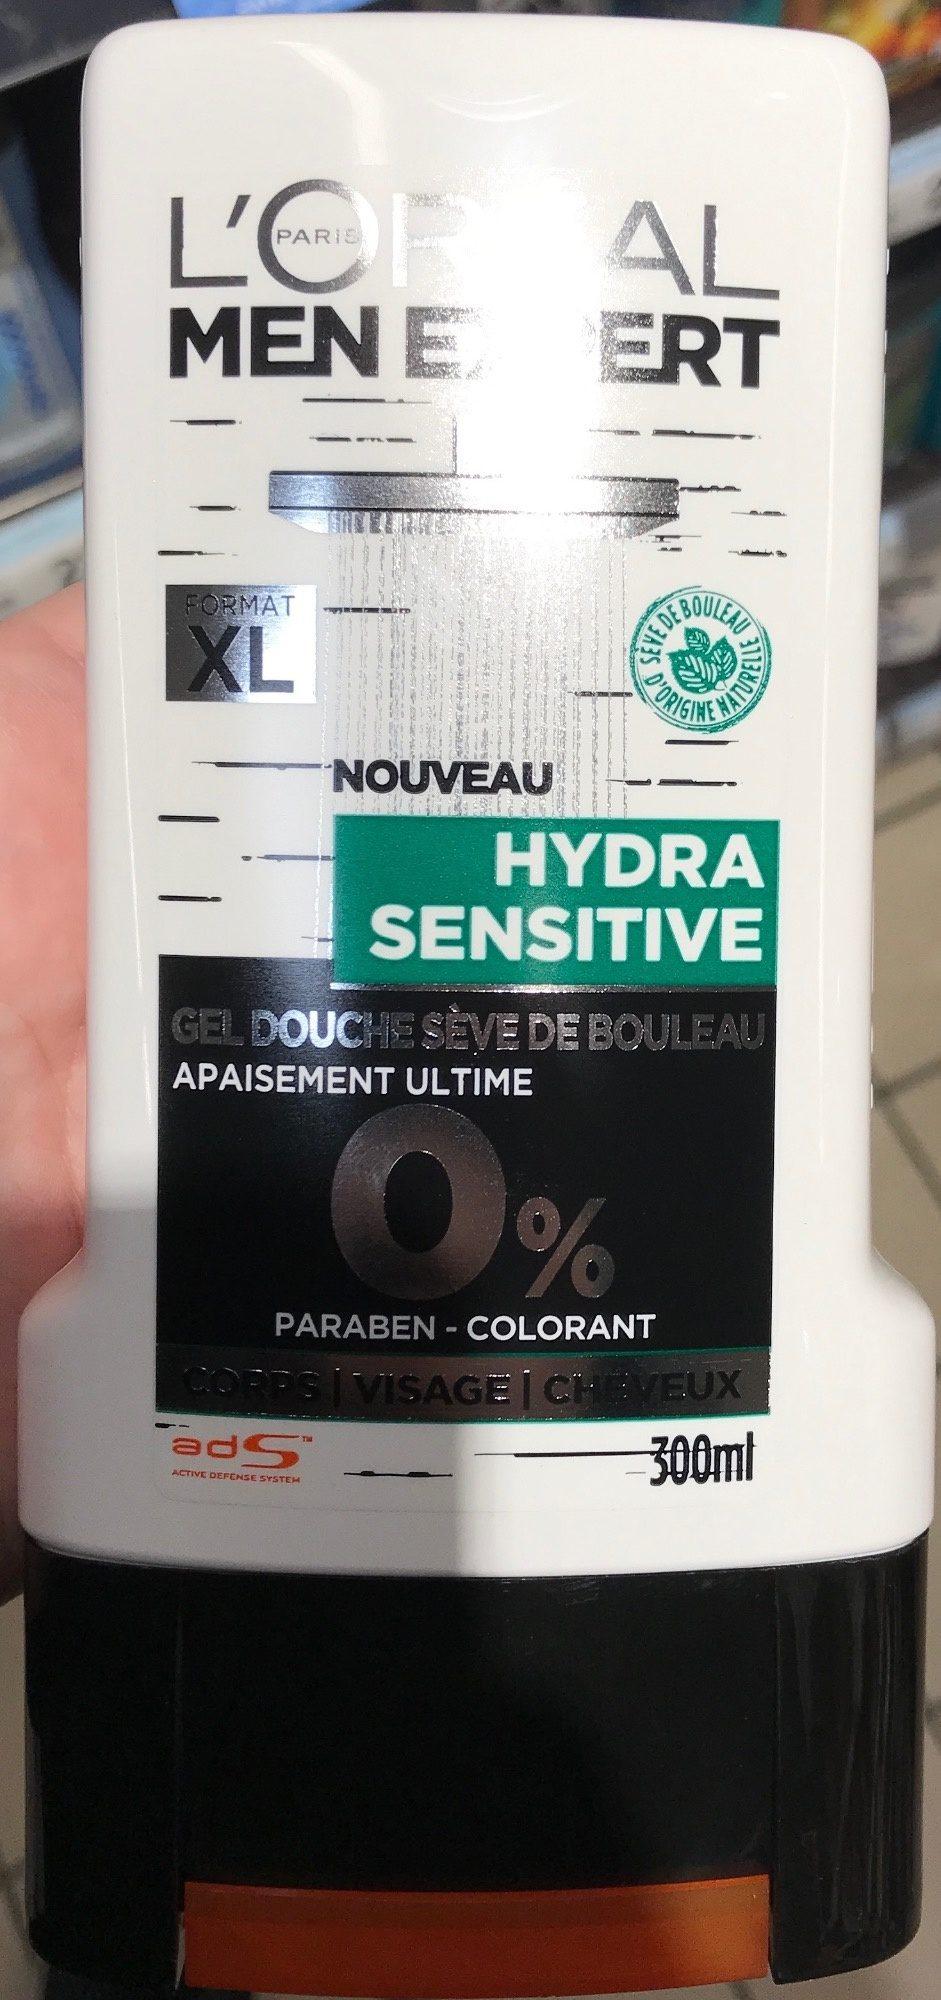 Hydra Sensitive Gel douche sève de Bouleau (format XL) - Produit - fr